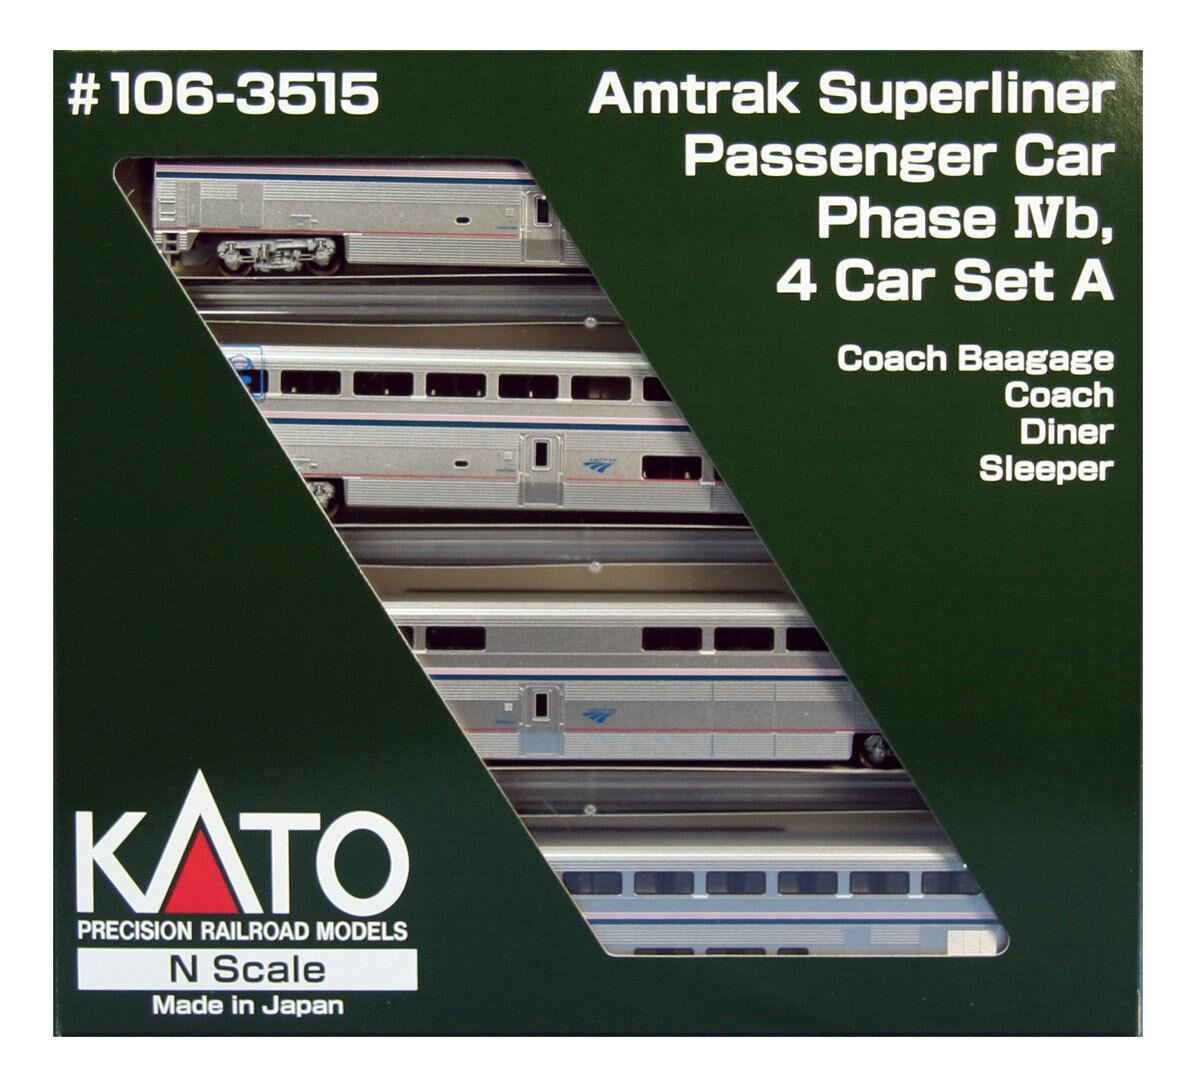 Kato 1063515 Amtrak Superliner PhIVB, SetA, 4 Set per auto AddOn Set